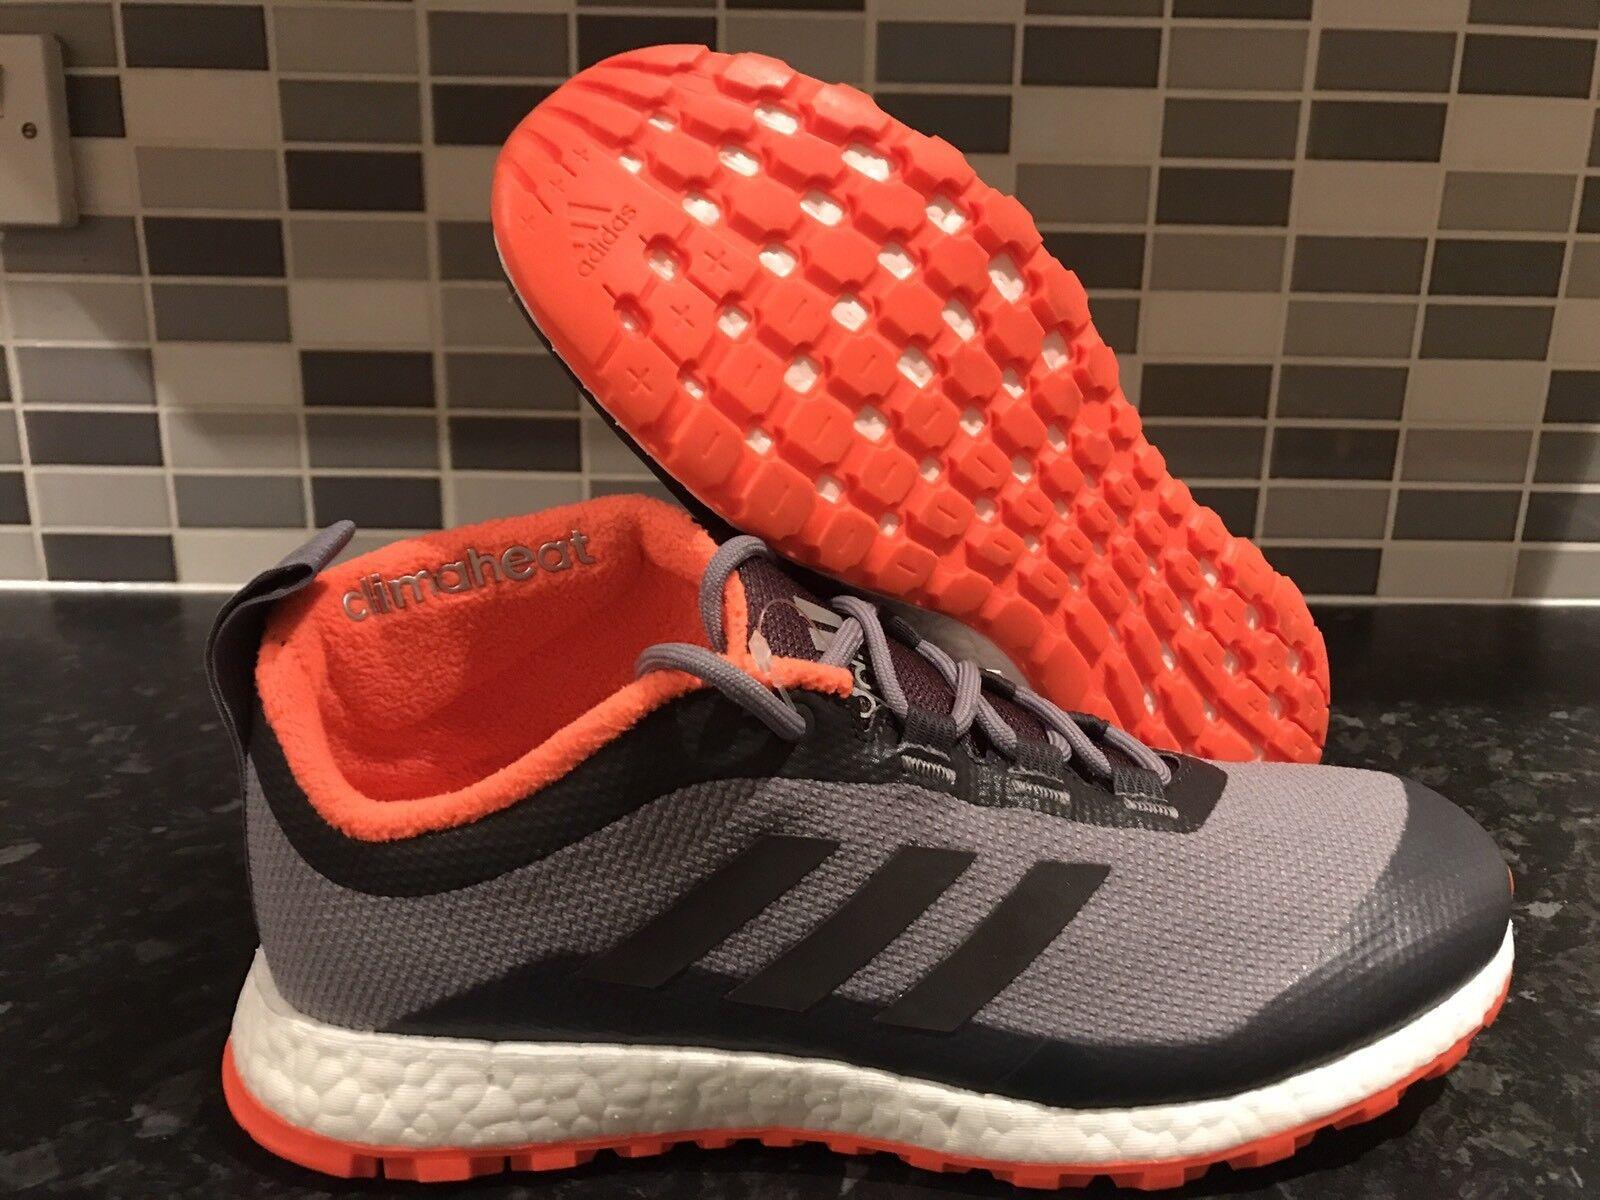 Adidas de Boost Climaheat nuevo tamaño de Adidas Reino Unido 9 d26654